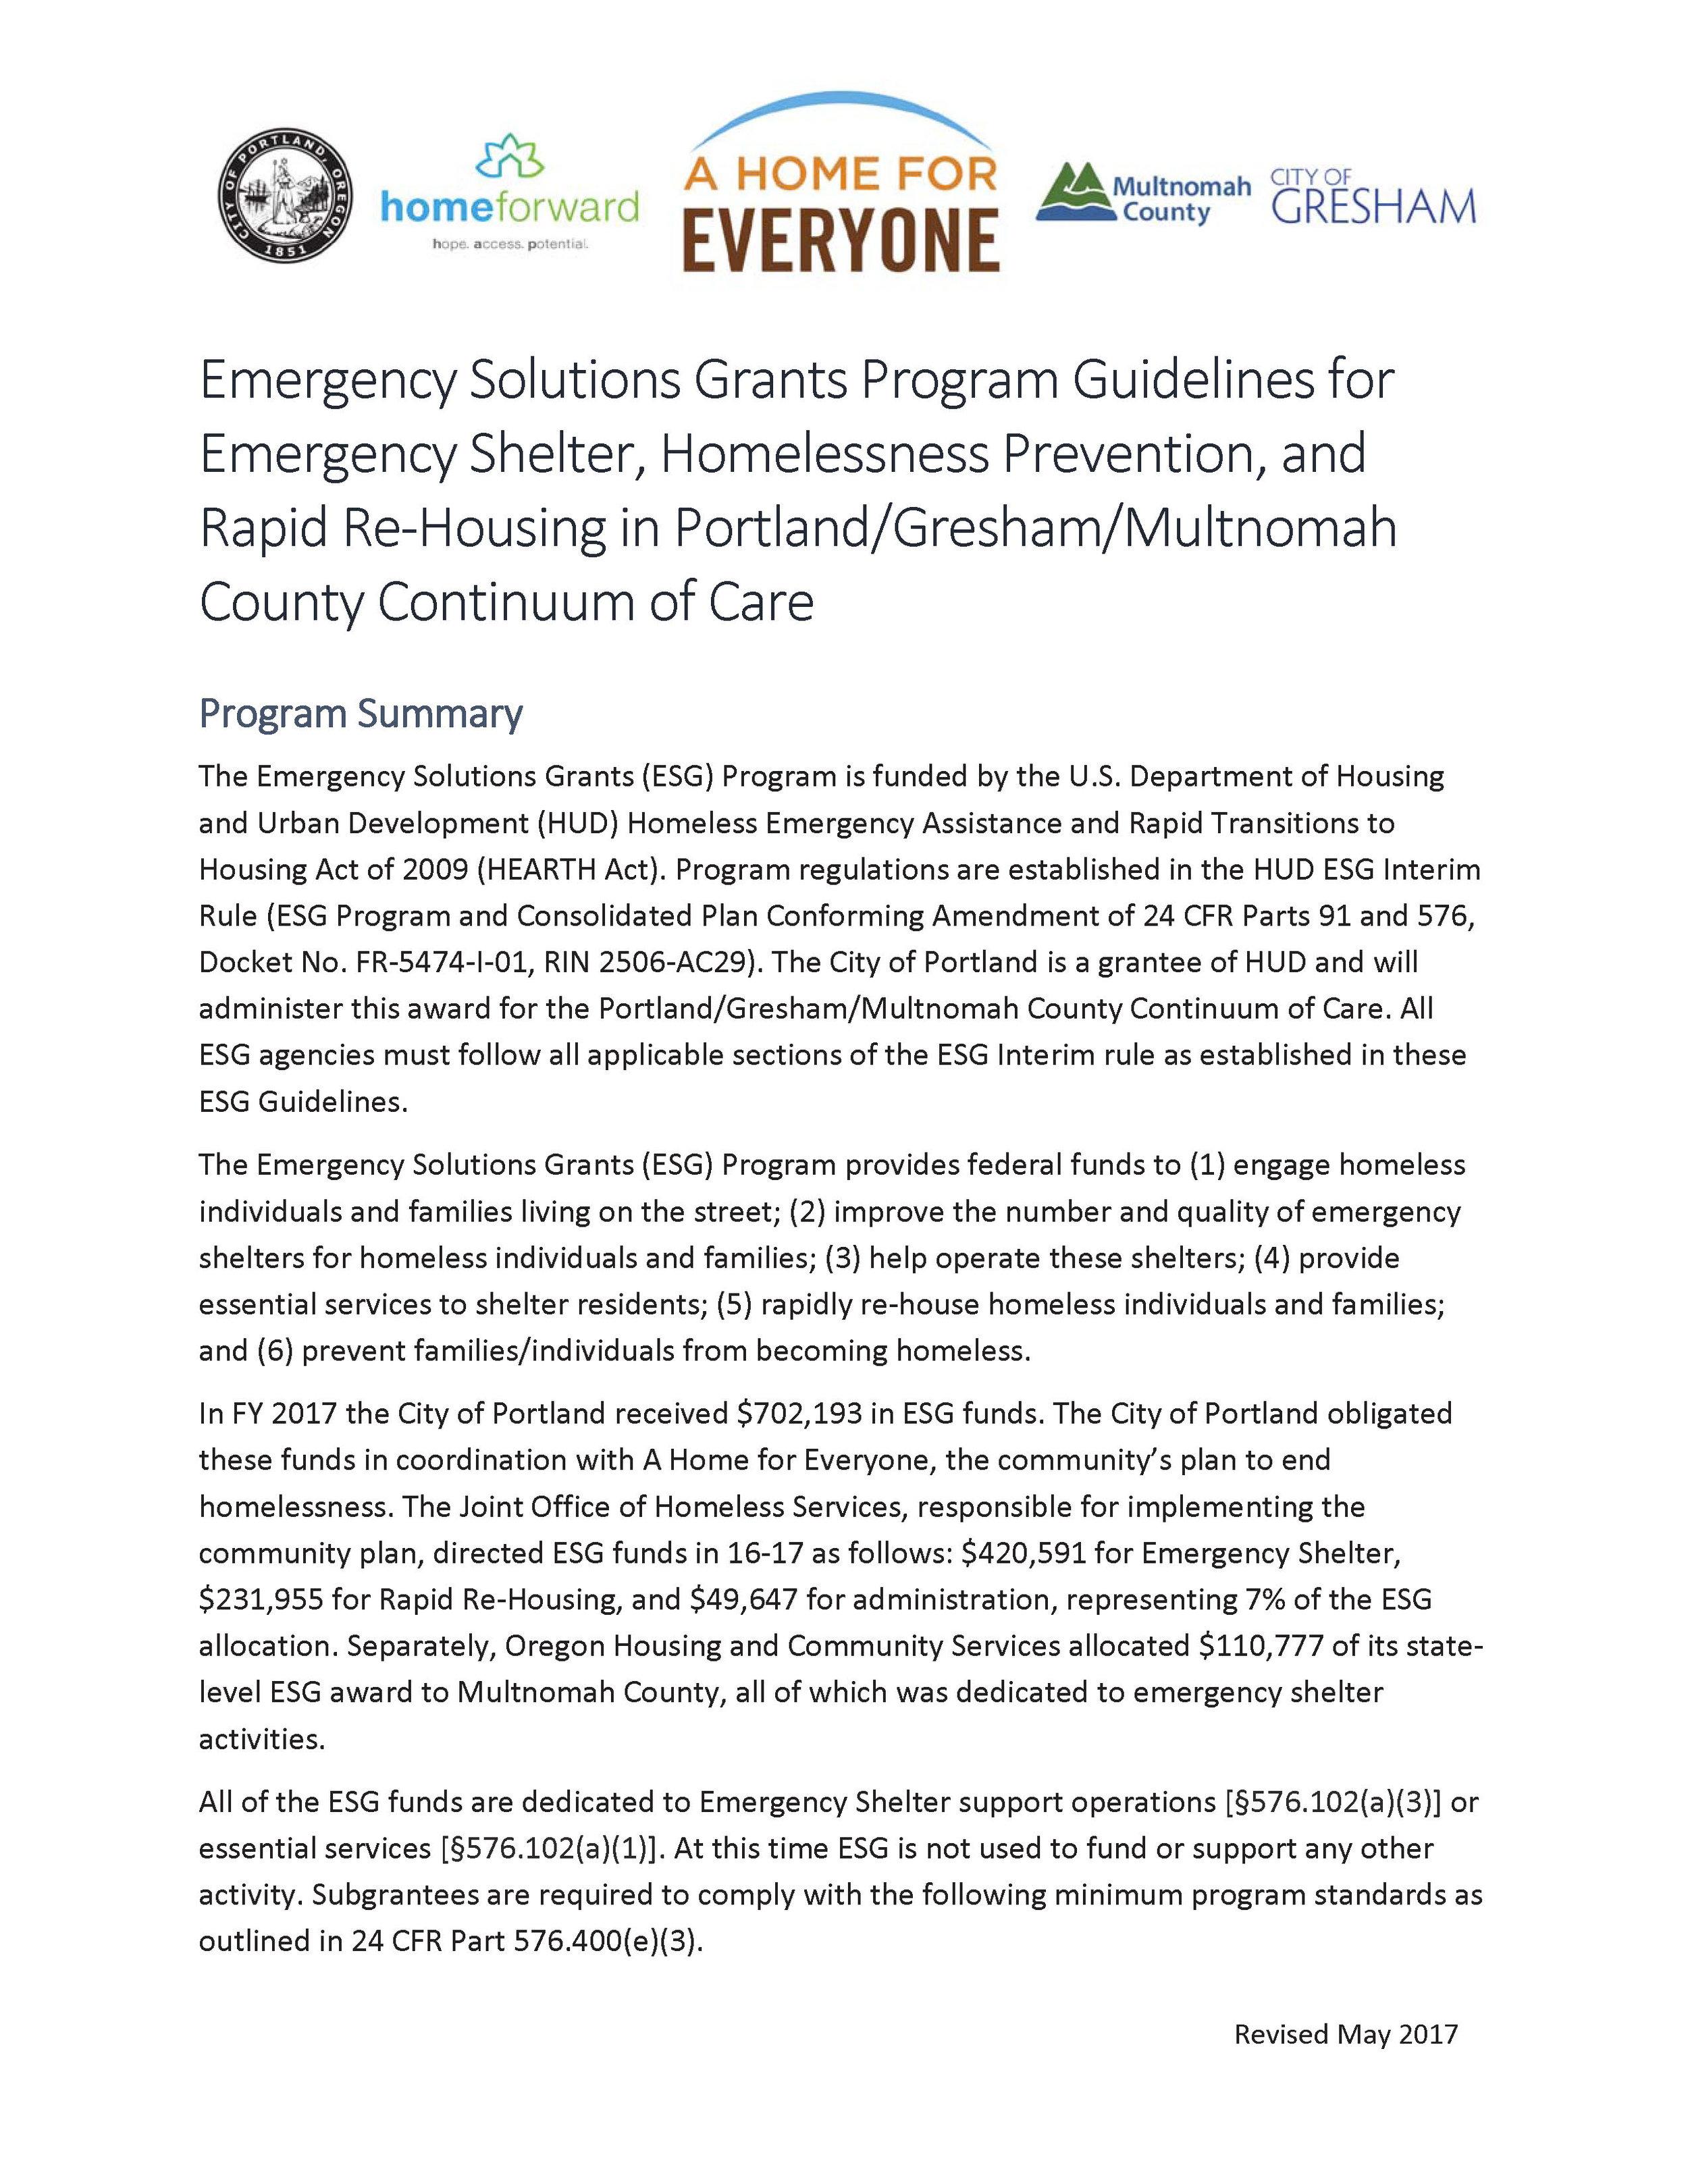 Read: ESG Guidelines for Portland/Gresham/Multnomah County